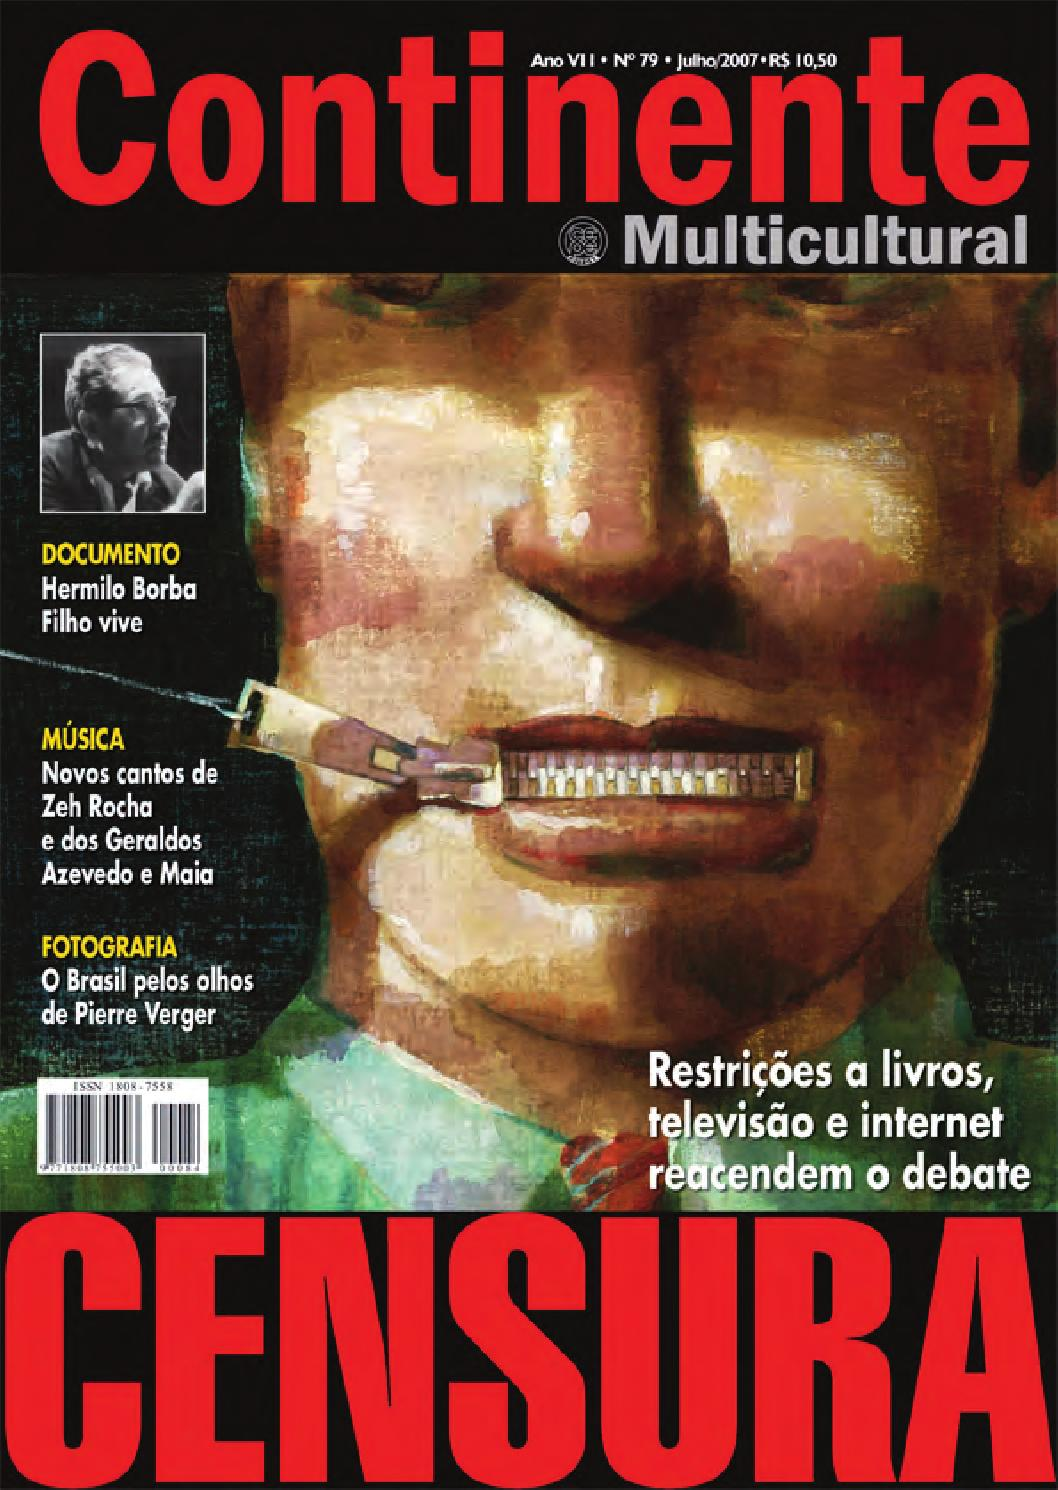 927aed59e Continente  079 - Censura by Revista Continente - issuu